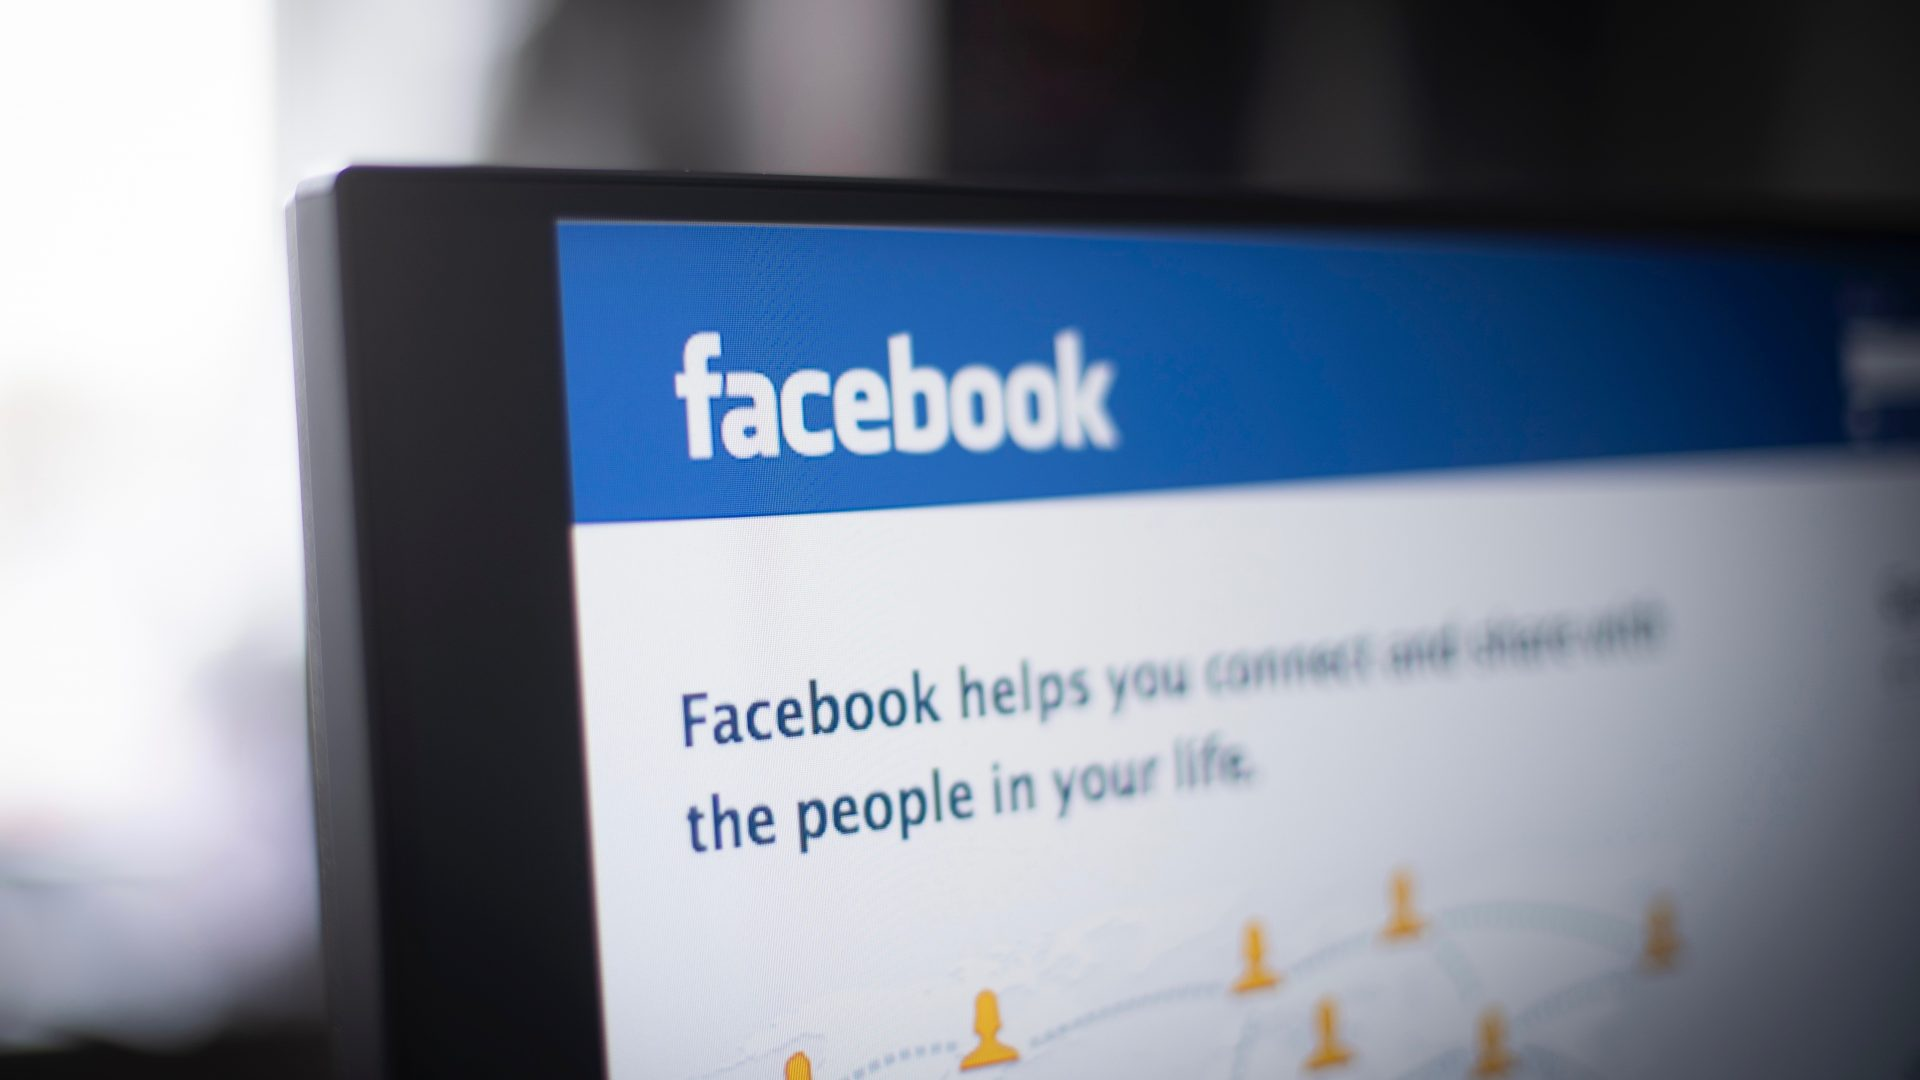 Irlanda lansează o anchetă asupra Facebook după scurgerea datelor a 530 de milioane de utilizatori